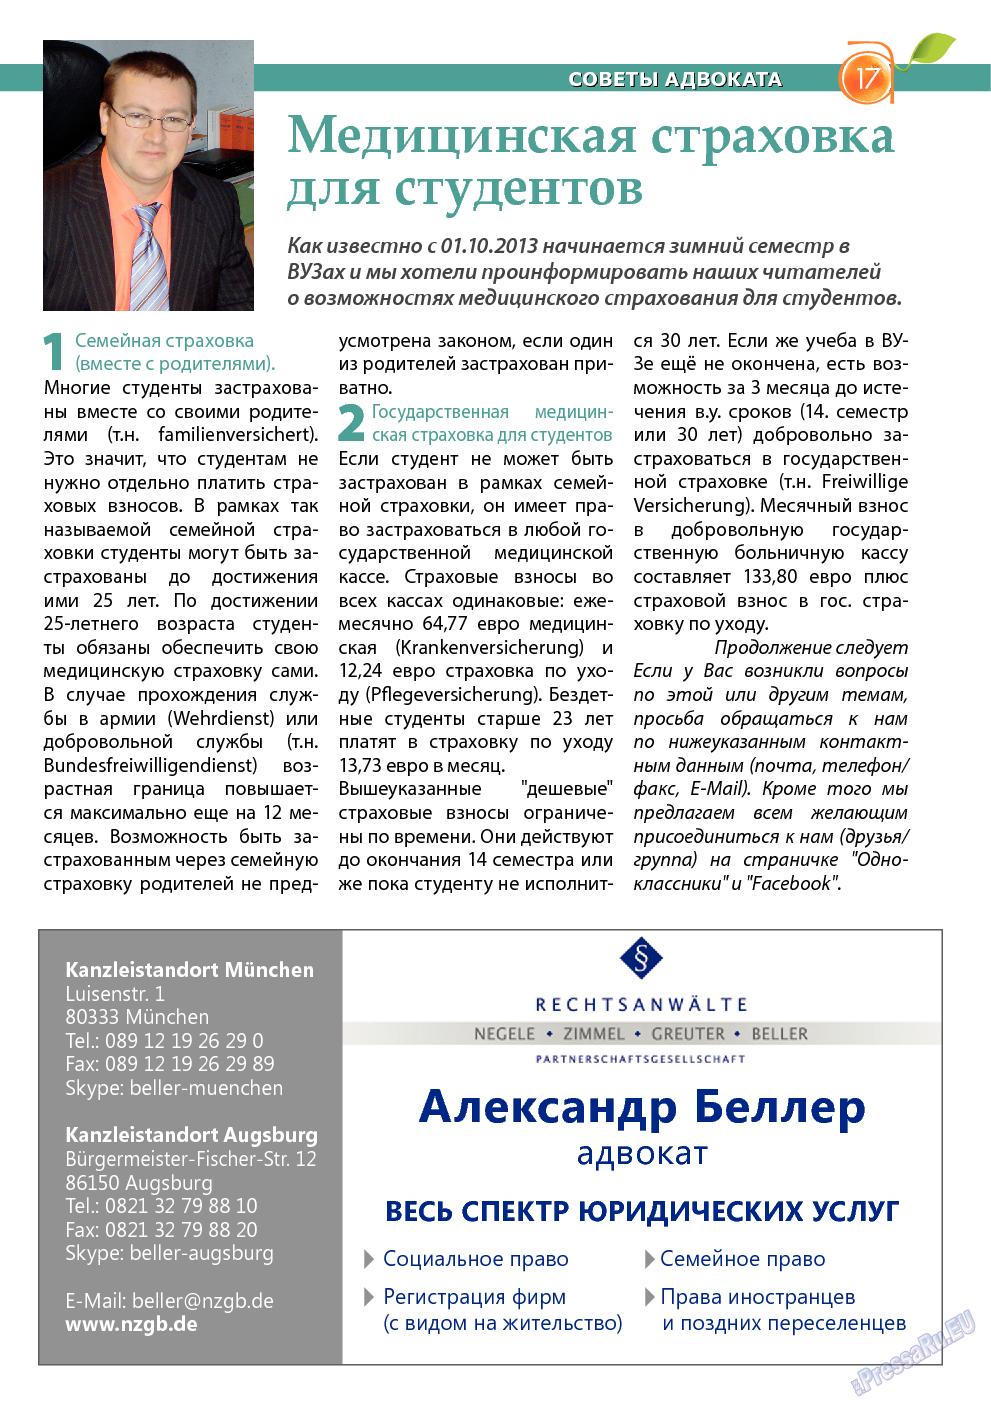 Апельсин (журнал). 2013 год, номер 51, стр. 17